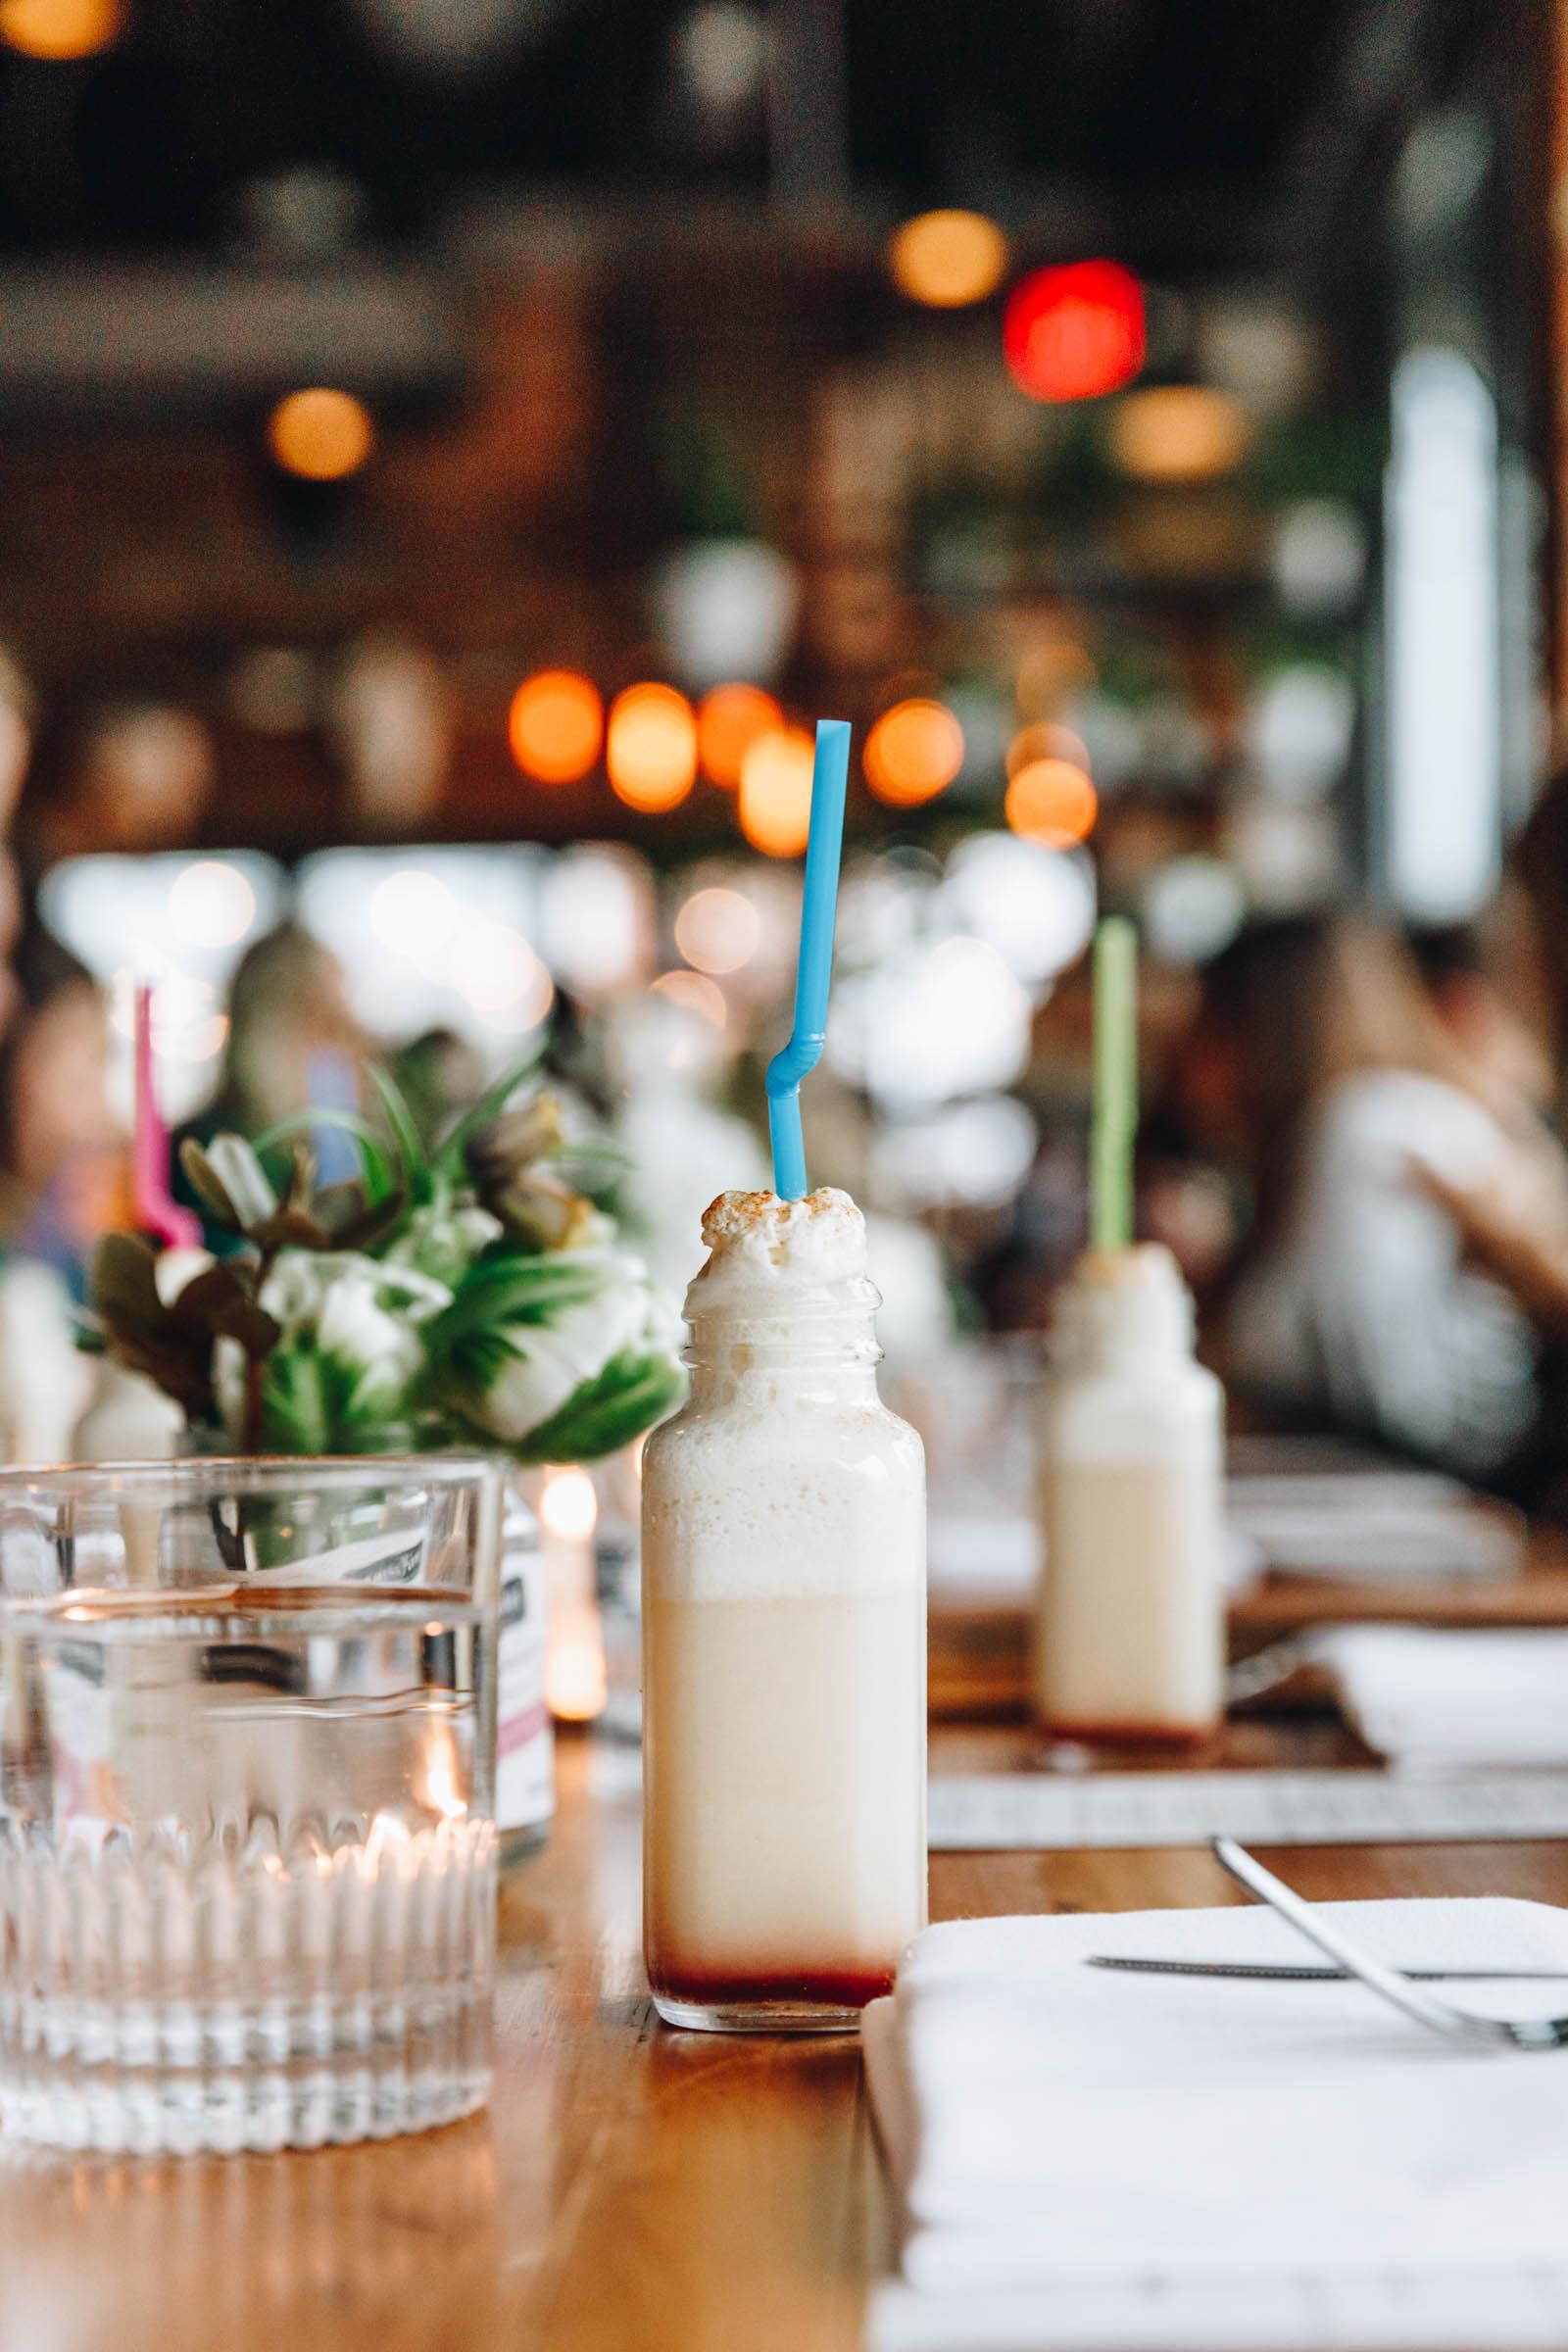 milkshake with a swirly straw